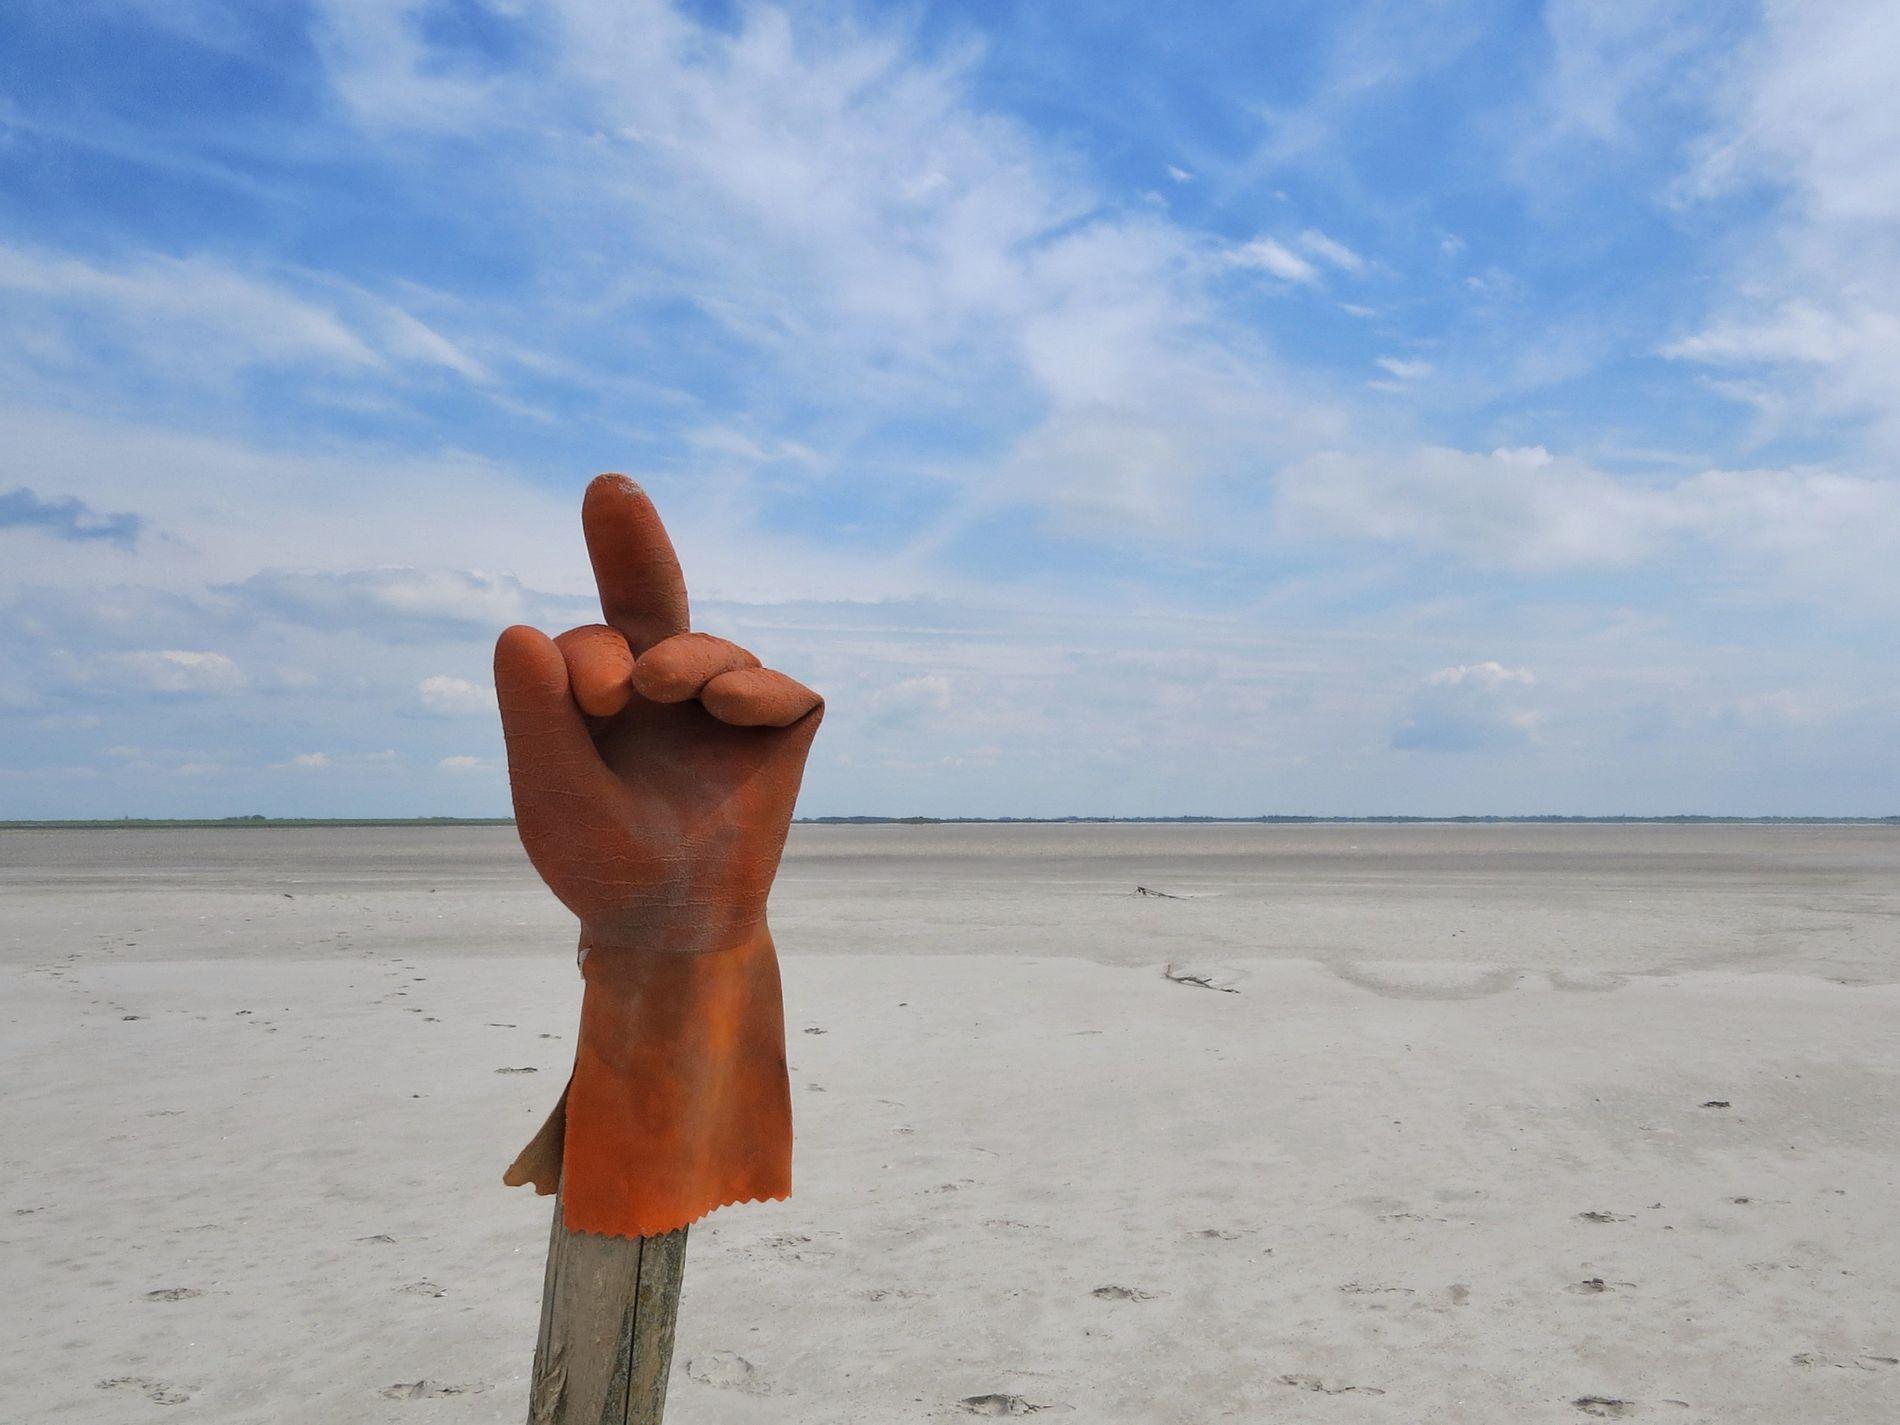 Der Verein Küste gegen Plastik hat der Vermüllung der Meere den Kampf angesagt.